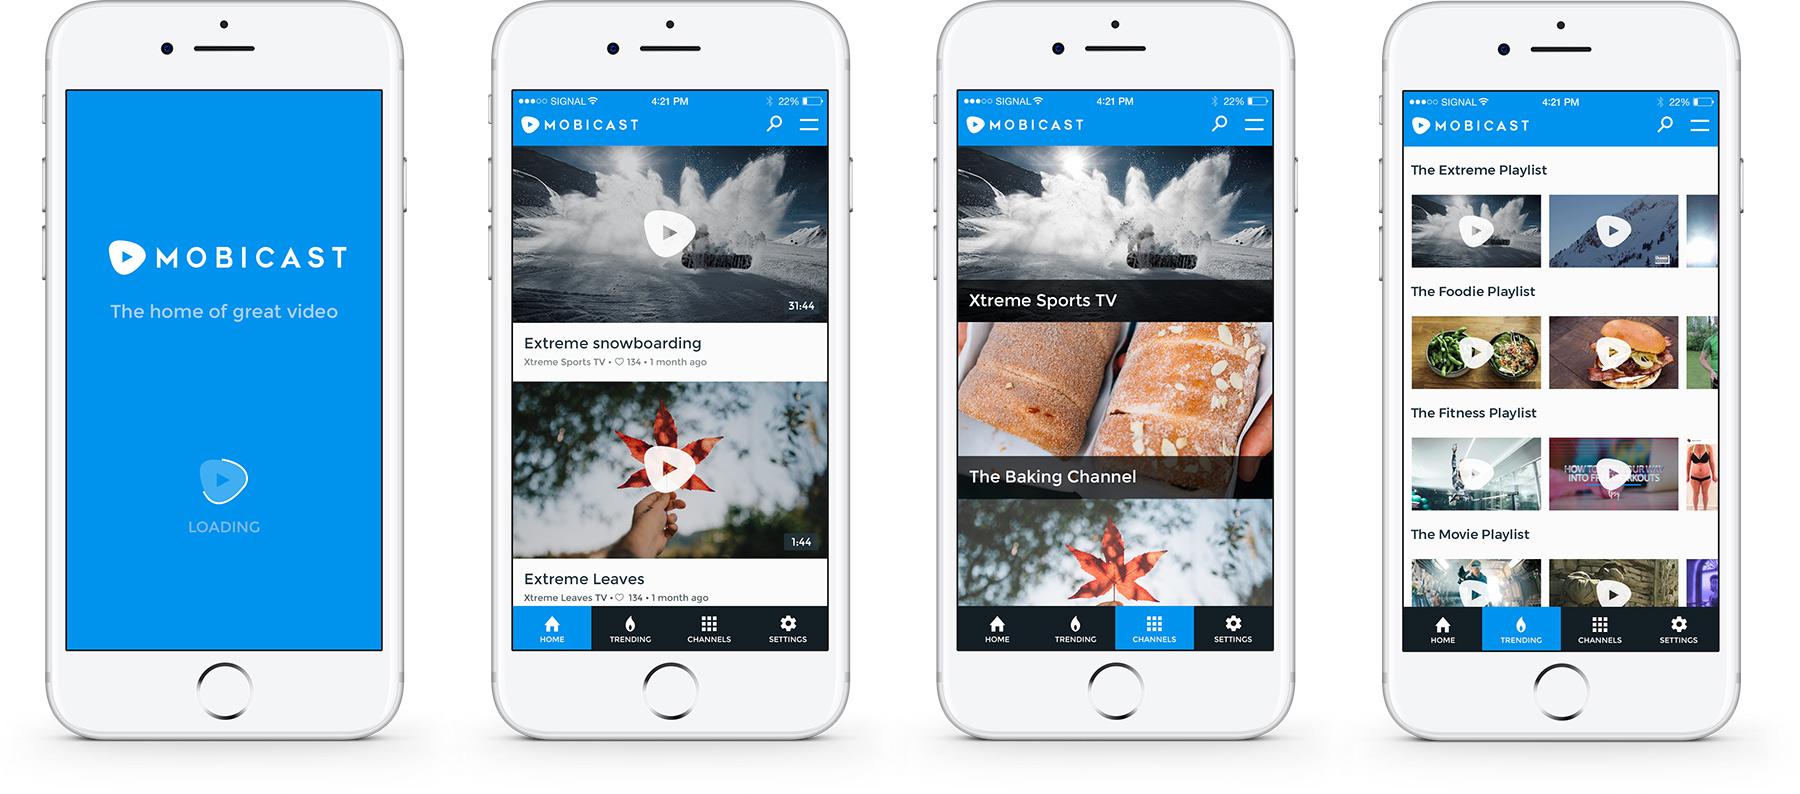 Mobicast Mobile App